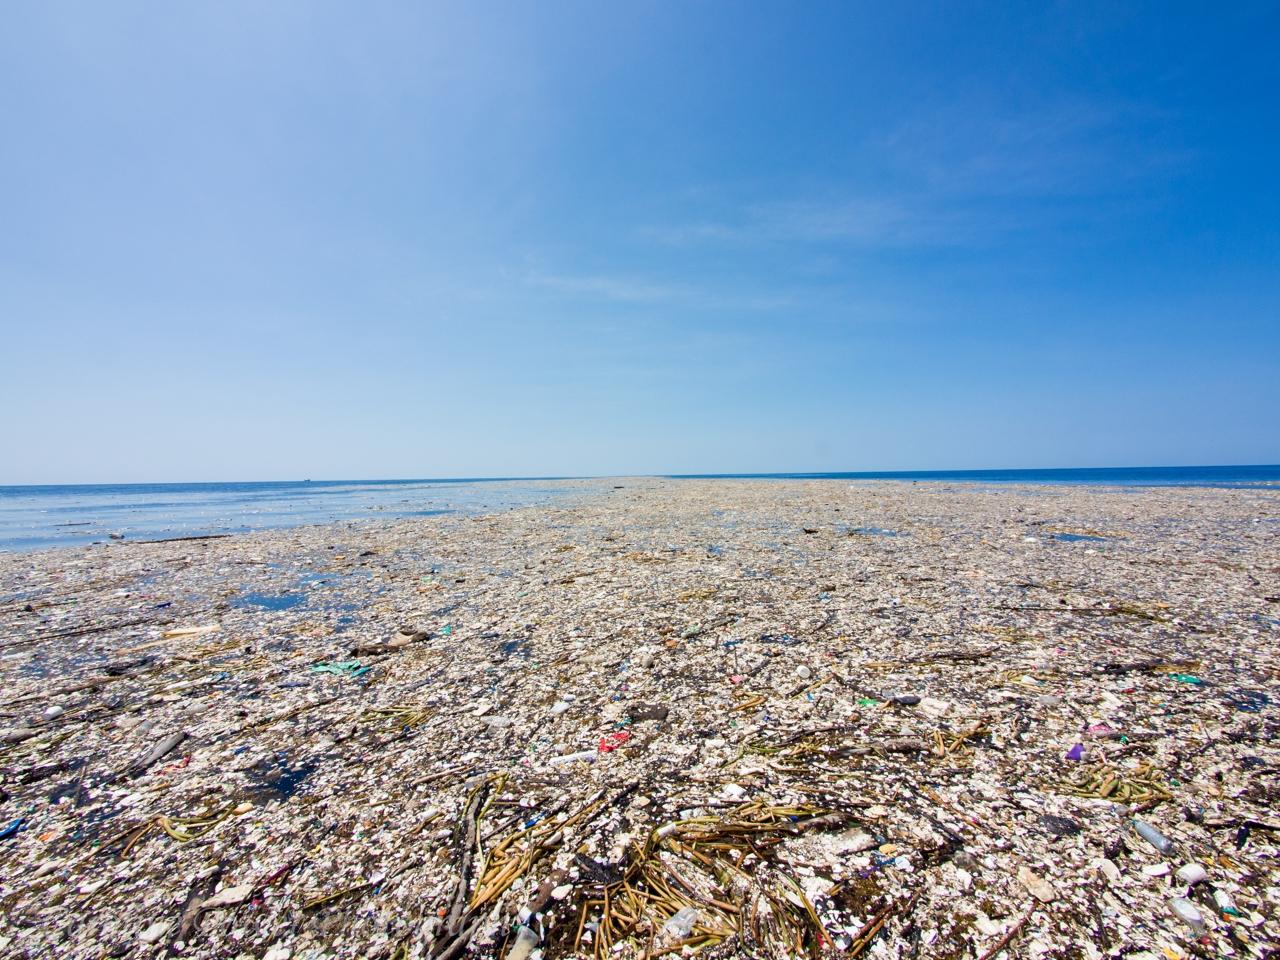 высказалась мусорный остров в тихом океане фото бесплатный